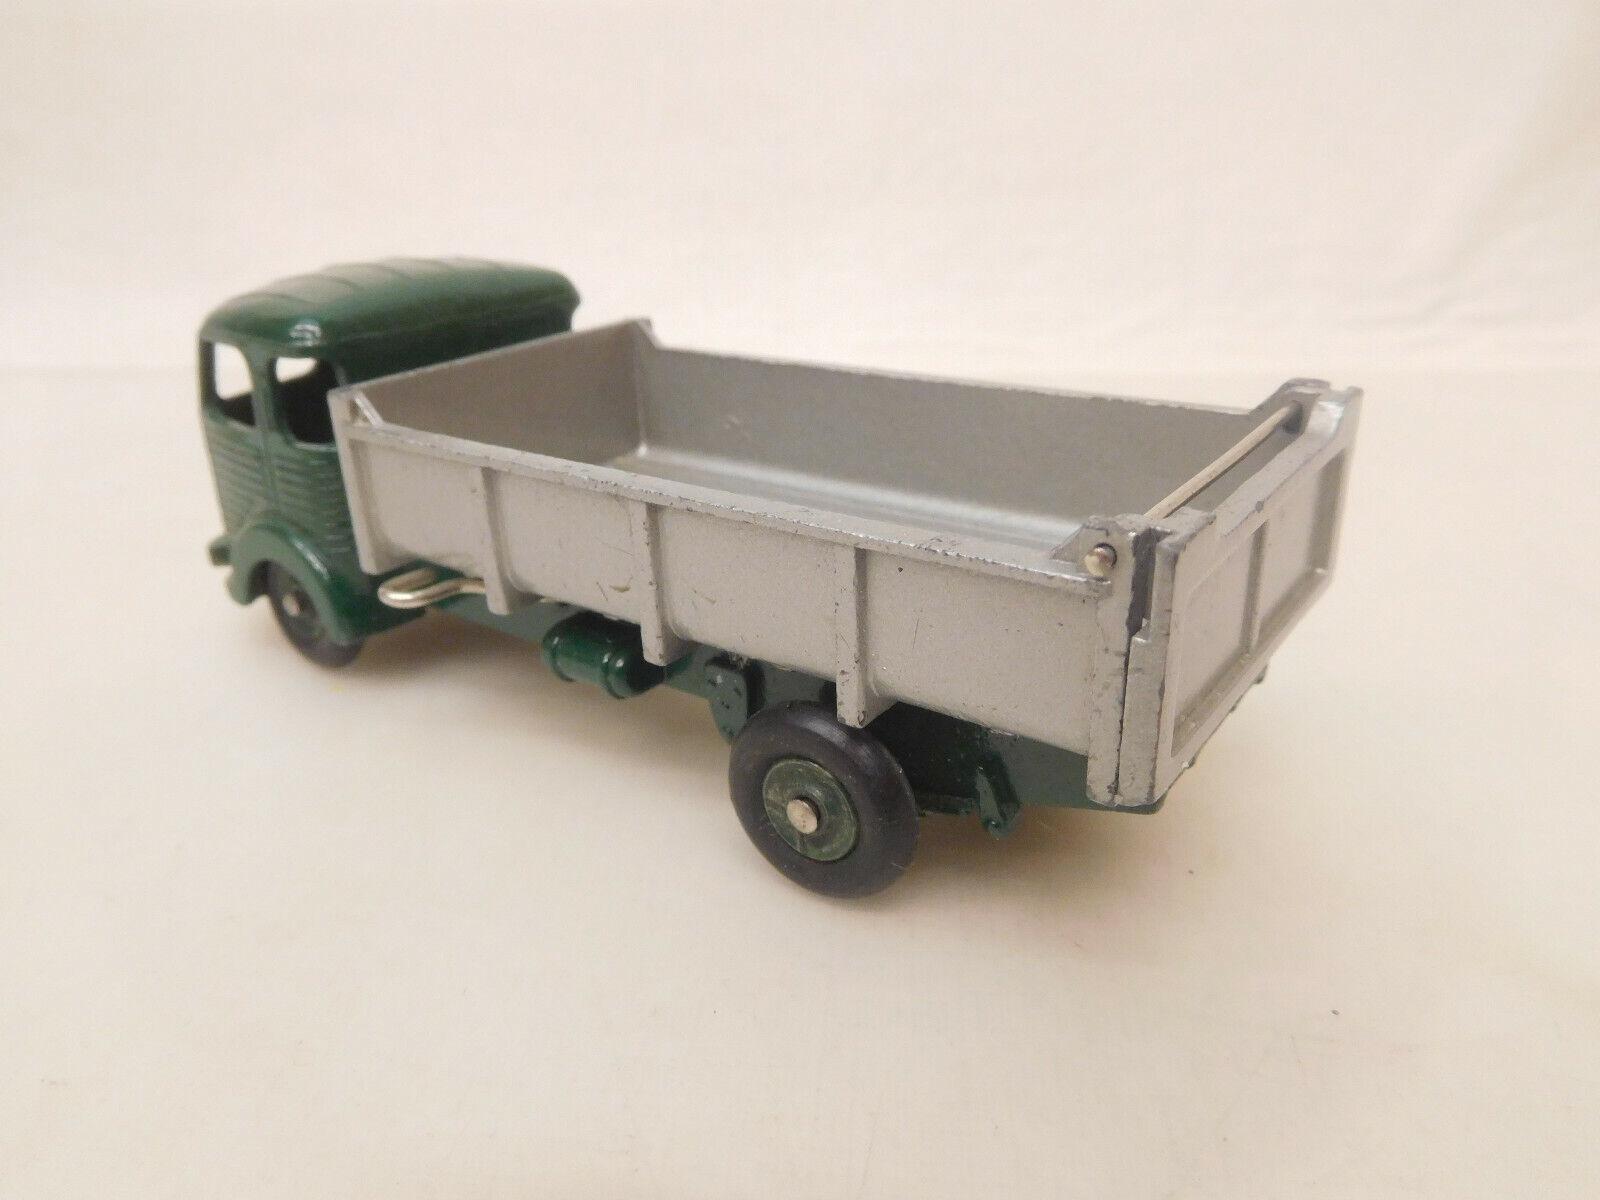 ESF-07372 Dinky Toys Nr. 33 Simca Simca Simca Cargo, mit Gebrauchsspuren, Farbschäden c11fde